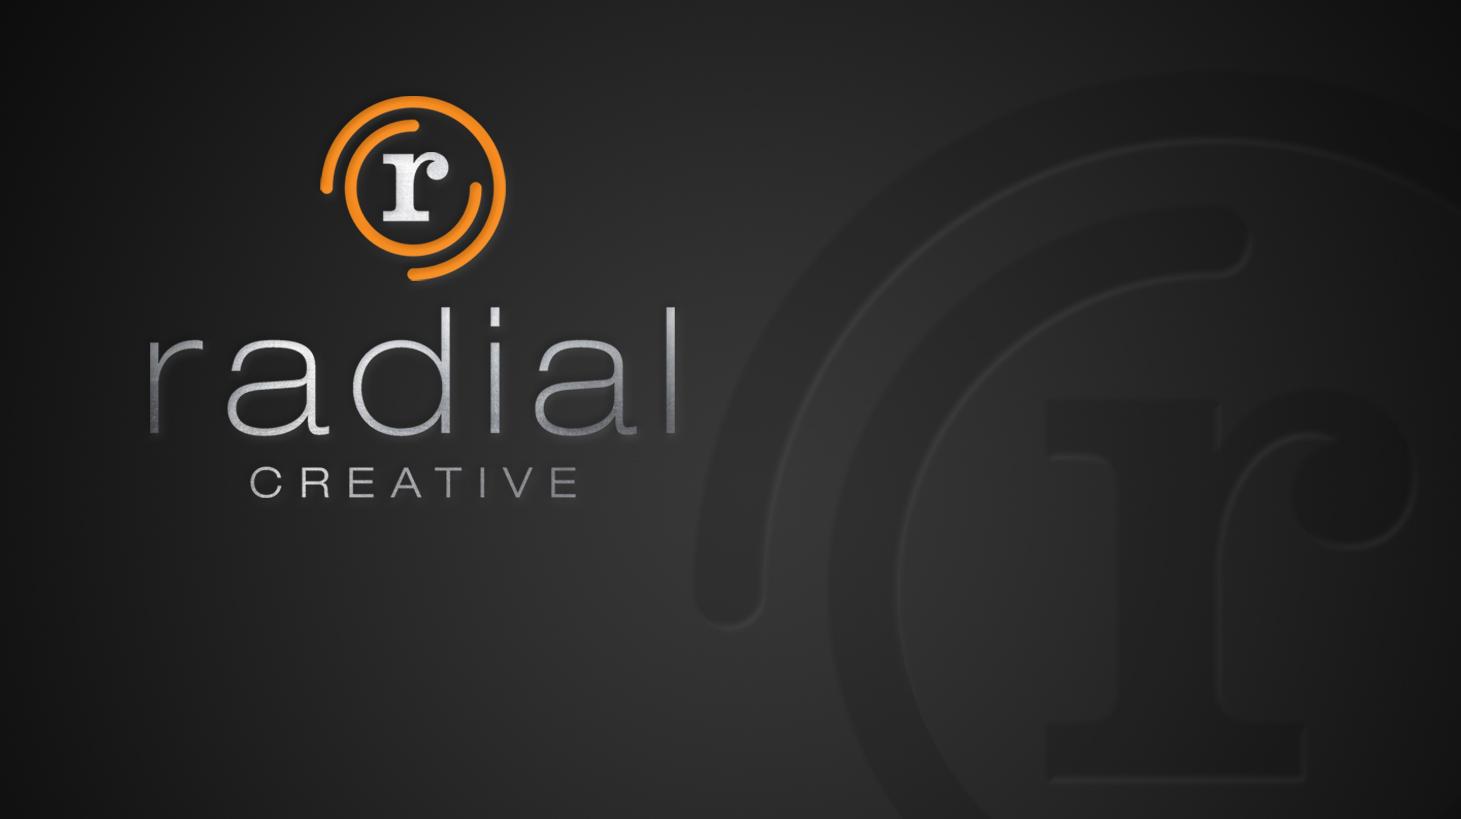 logos-branding-9